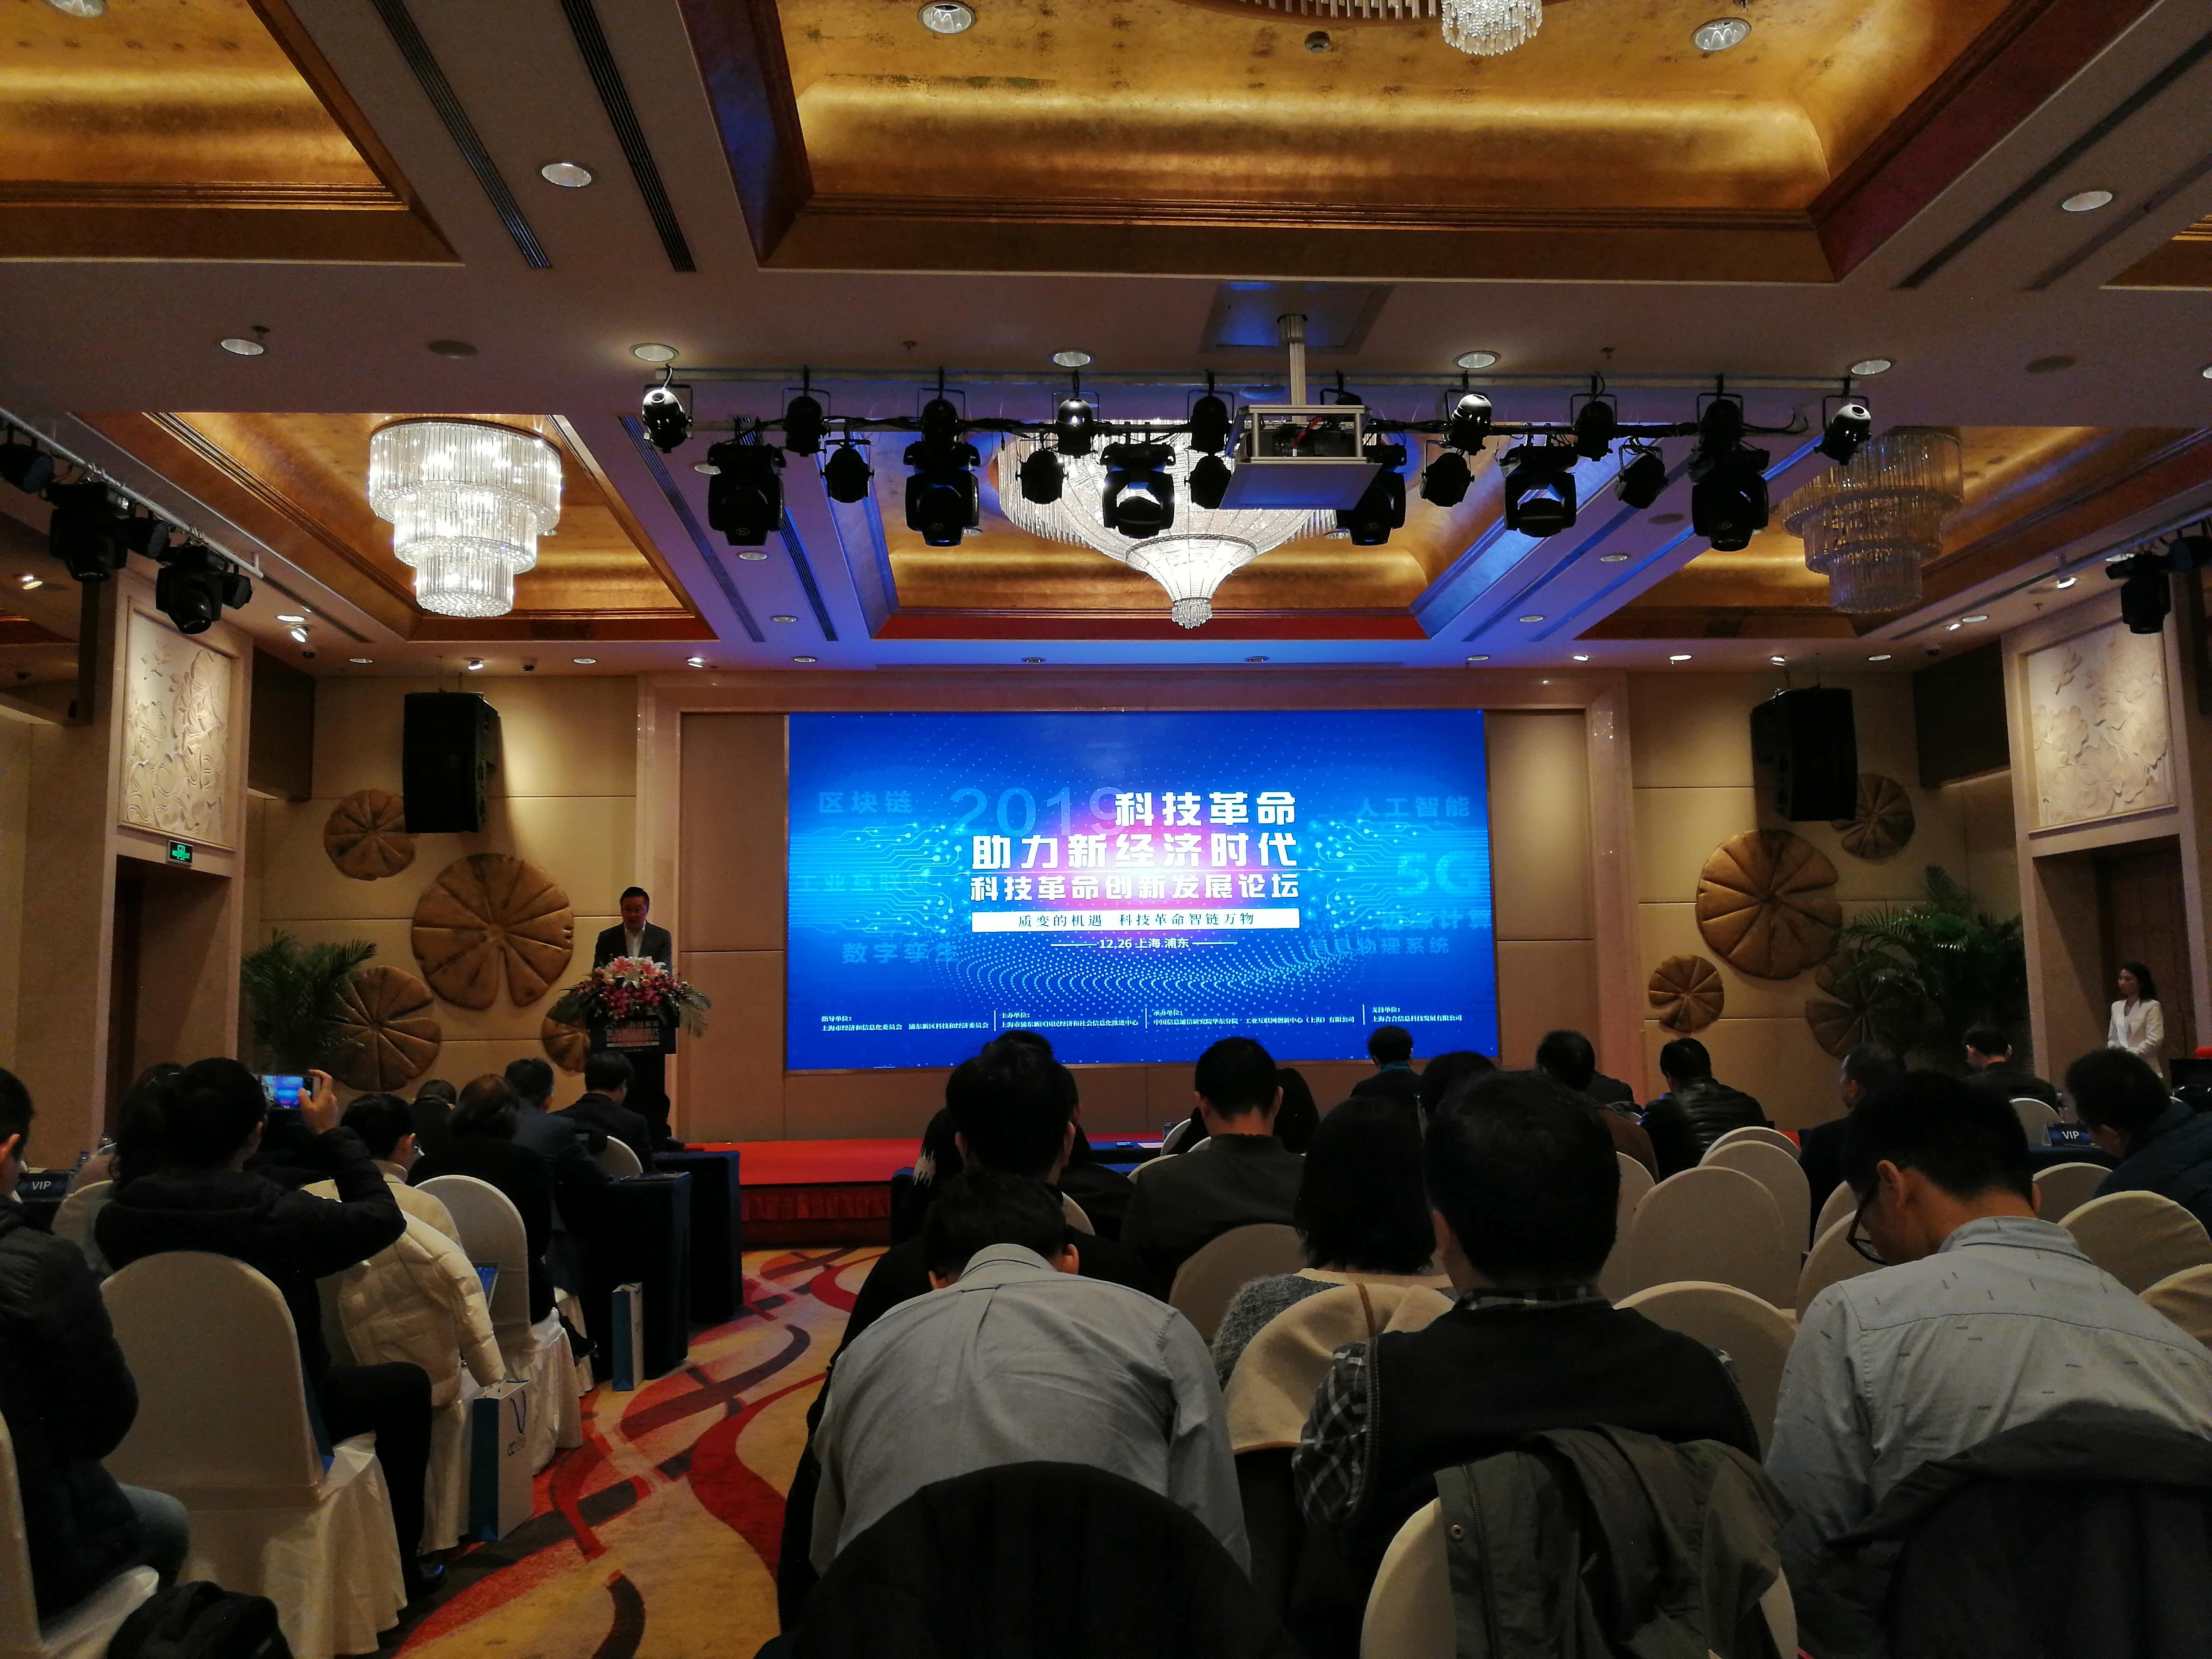 科技革命创新发展论坛在沪召开 人工智能成为专家学者探讨的关键话题